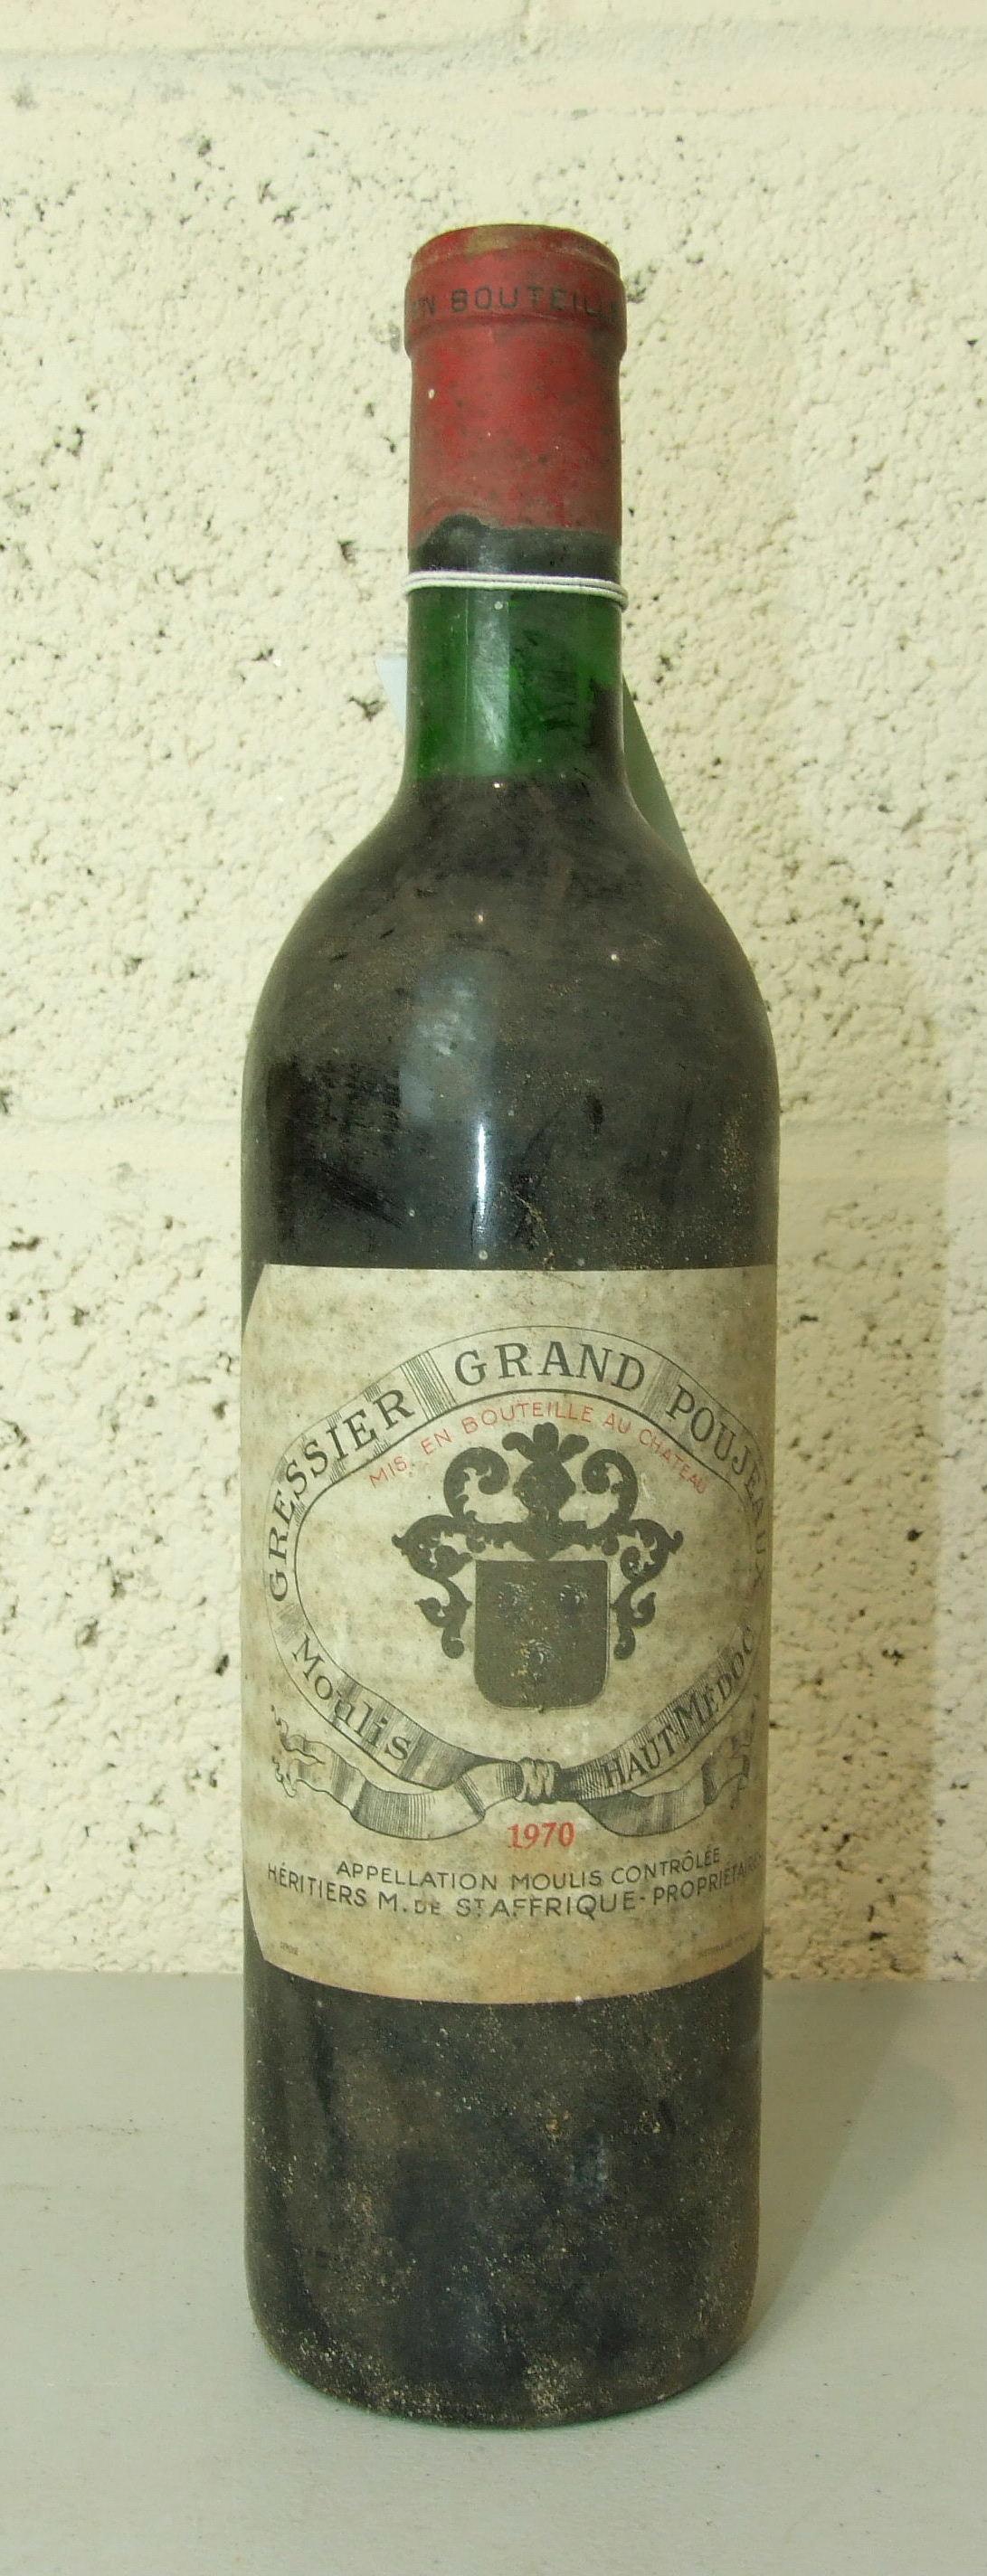 Lot 9 - France, Gressier Grand Poujeaux 1970, top shoulder, good label, one bottle, (1).